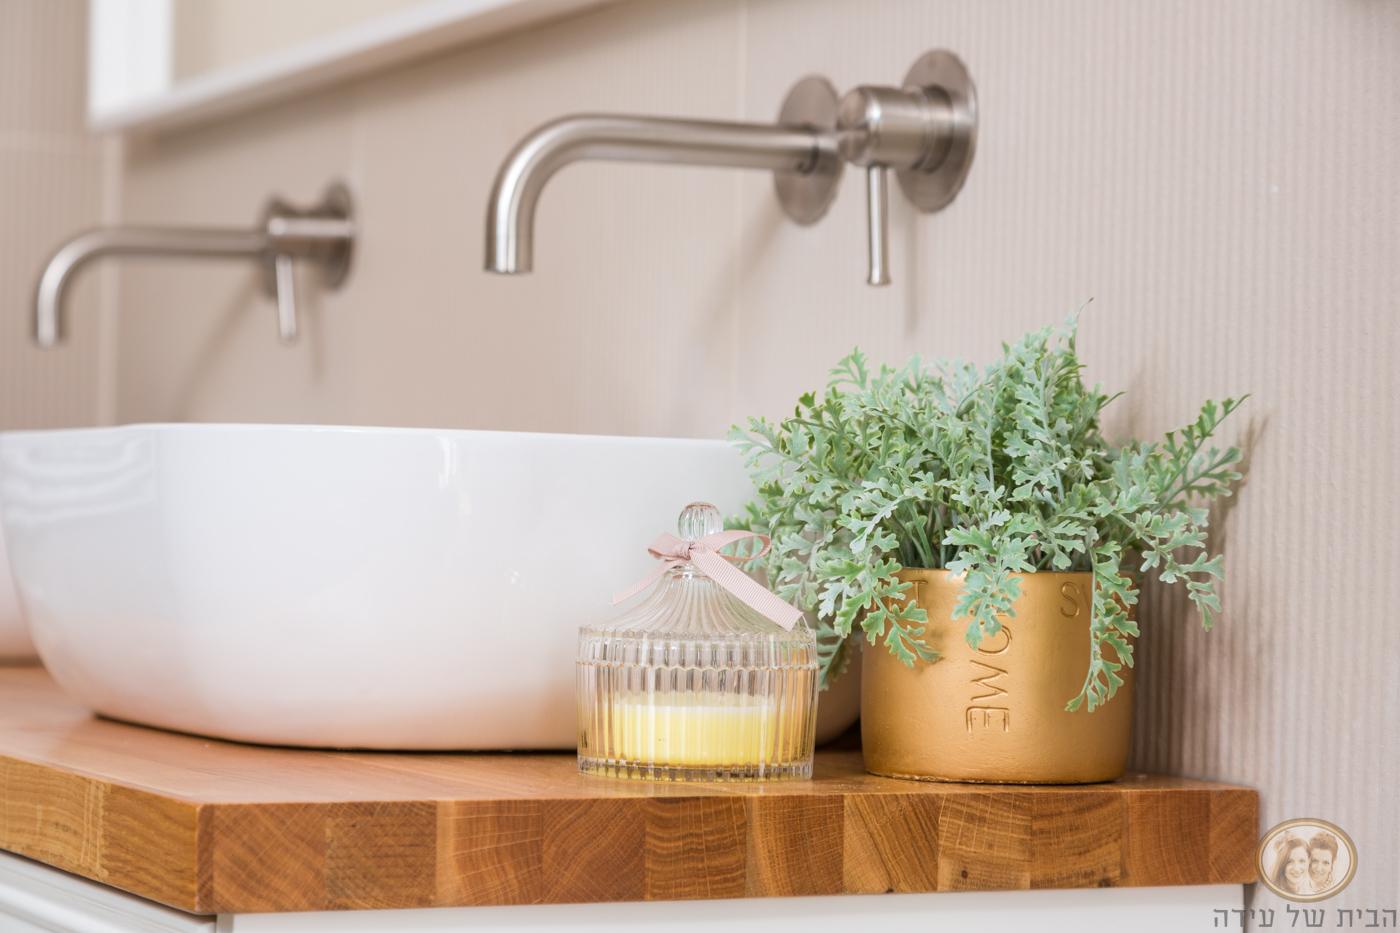 אביזרי עיצוב לאמבטיה